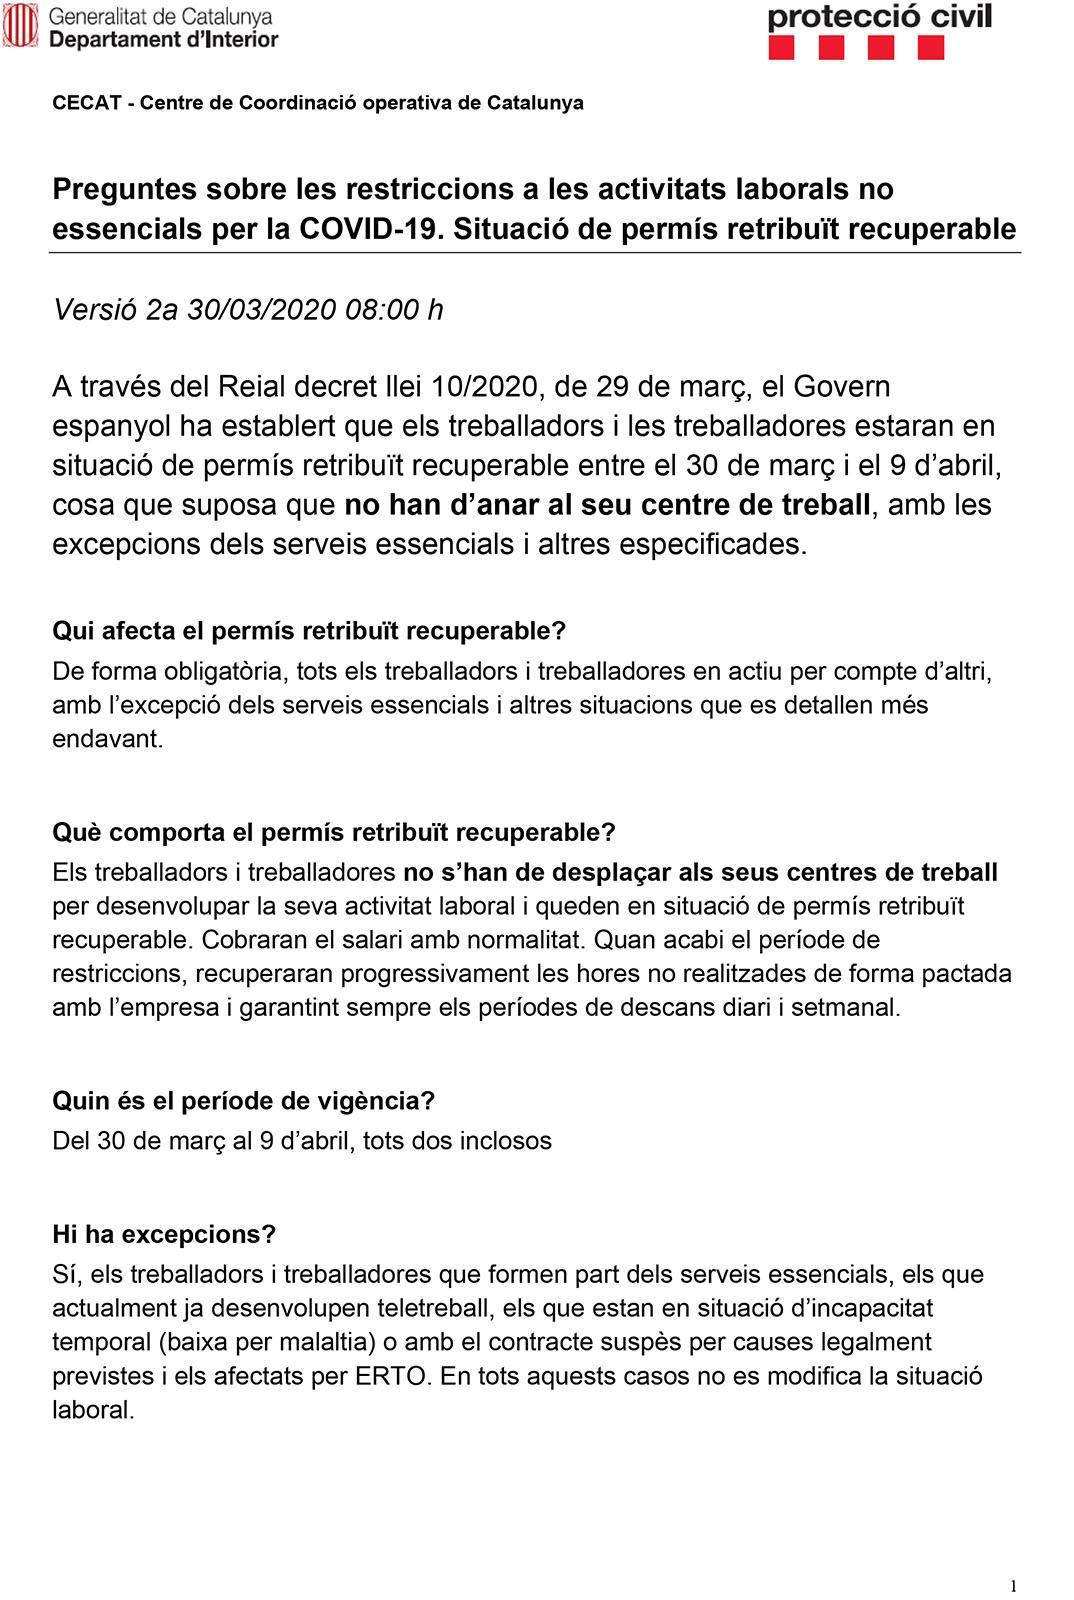 Preguntes sobre les restriccions a les activitats laborals no essencials per la COVID-19. Situació de permís retribuït recuperable